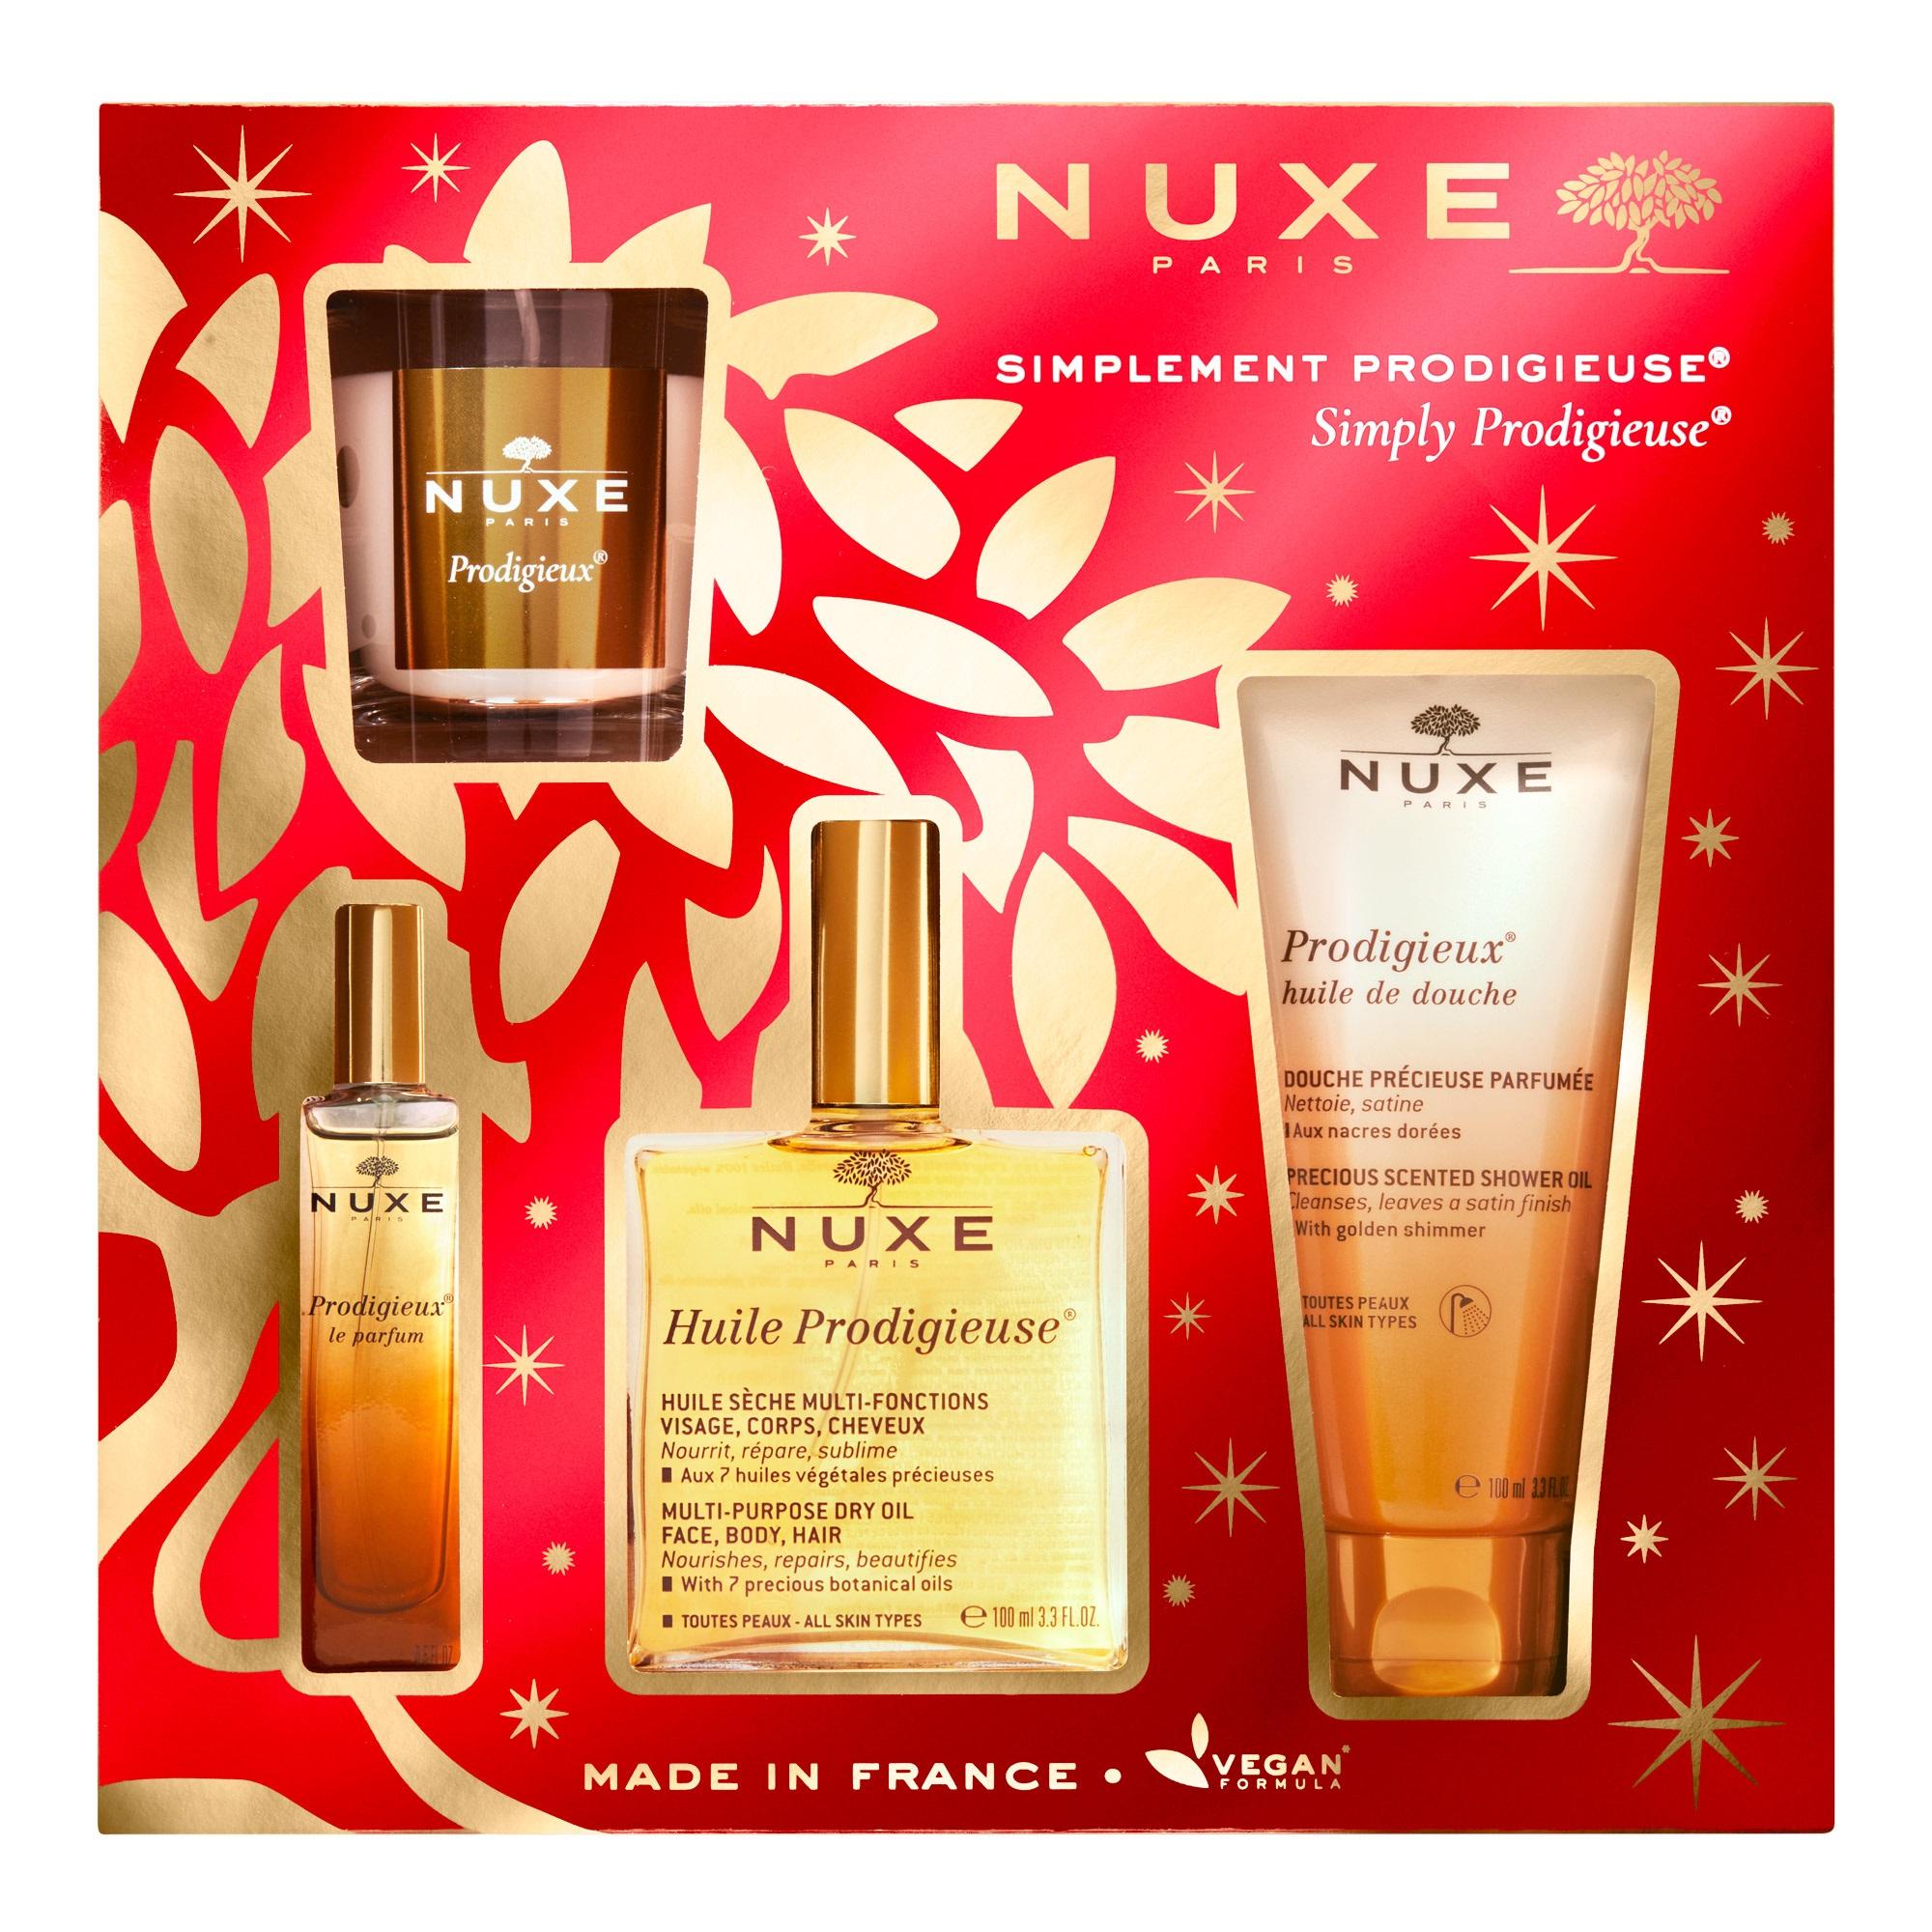 Image of Coffret de Noël Nuxe Simplement Prodigieuse